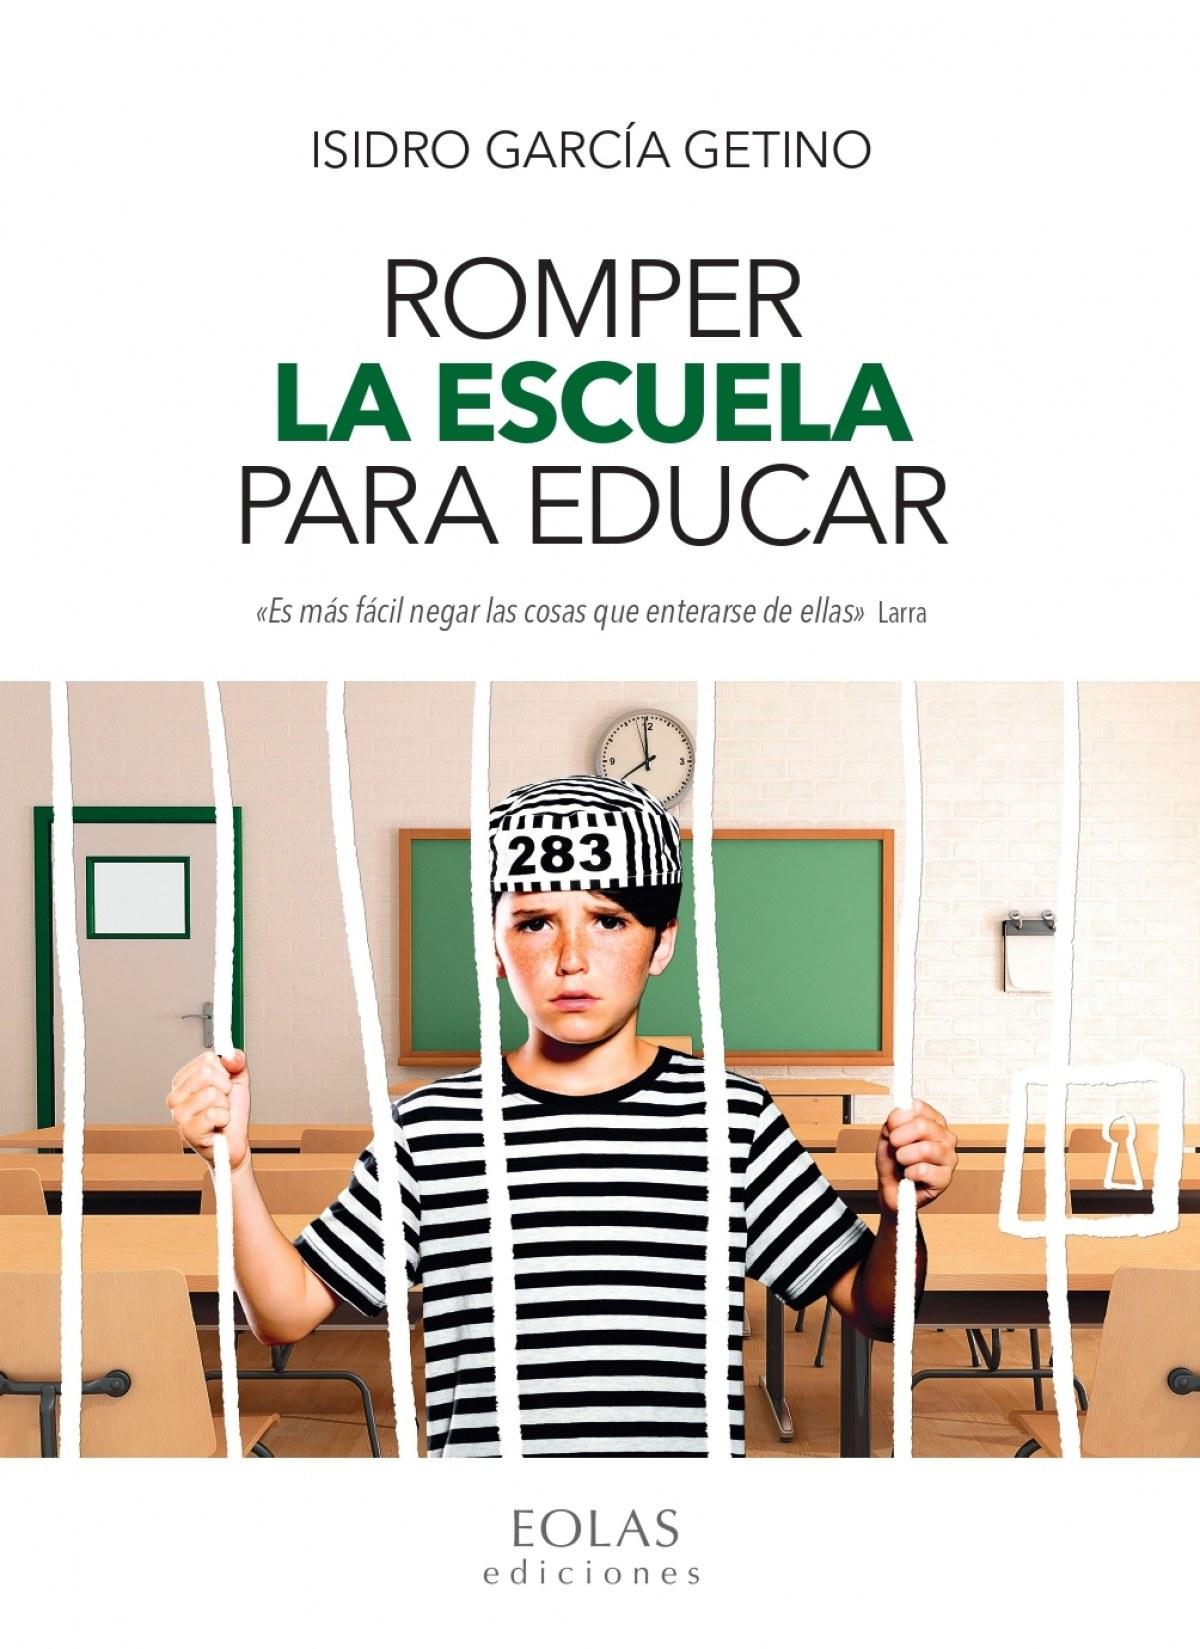 Romper la escuela para educar